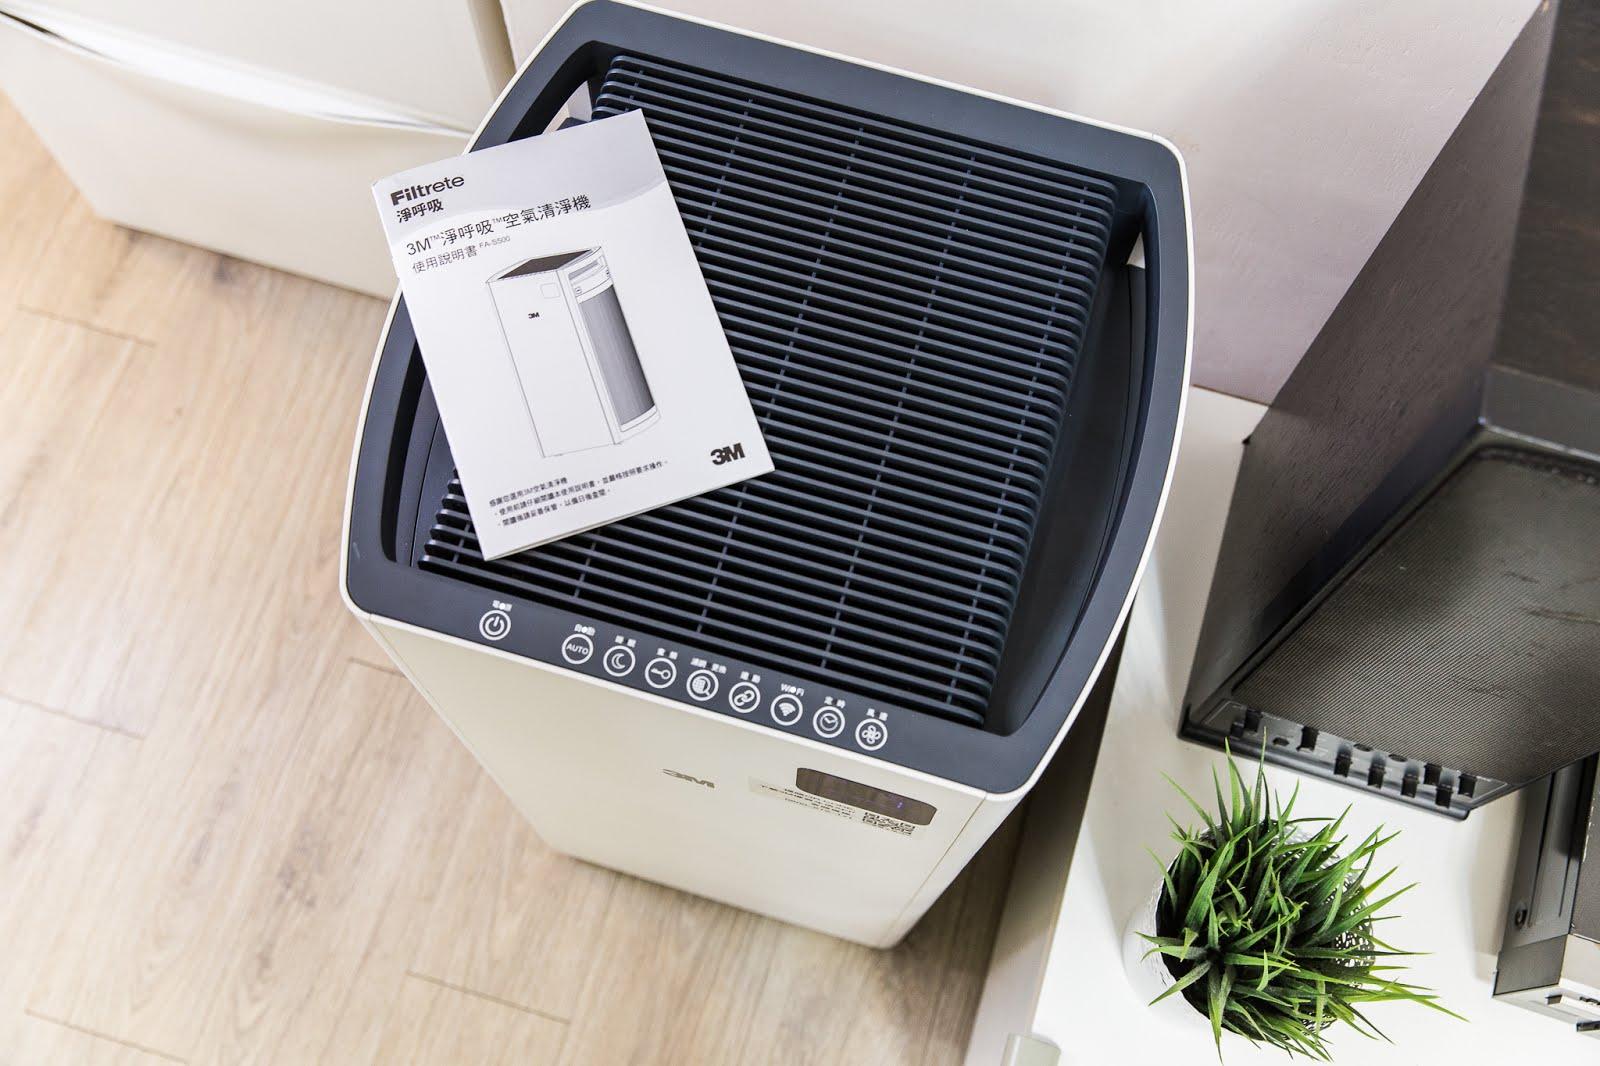 3M%2BFA-S500_dj%25E7%2590%25A6%25E7%2590%25A6_wwwhostkikicom_%25E8%25AA%25AA%25E6%2598%258E%25E6%259B%25B8.jpg-讓空氣跟家一樣令人安心│3M ™淨呼吸™全效型空氣清淨機─機皇級FA-S500